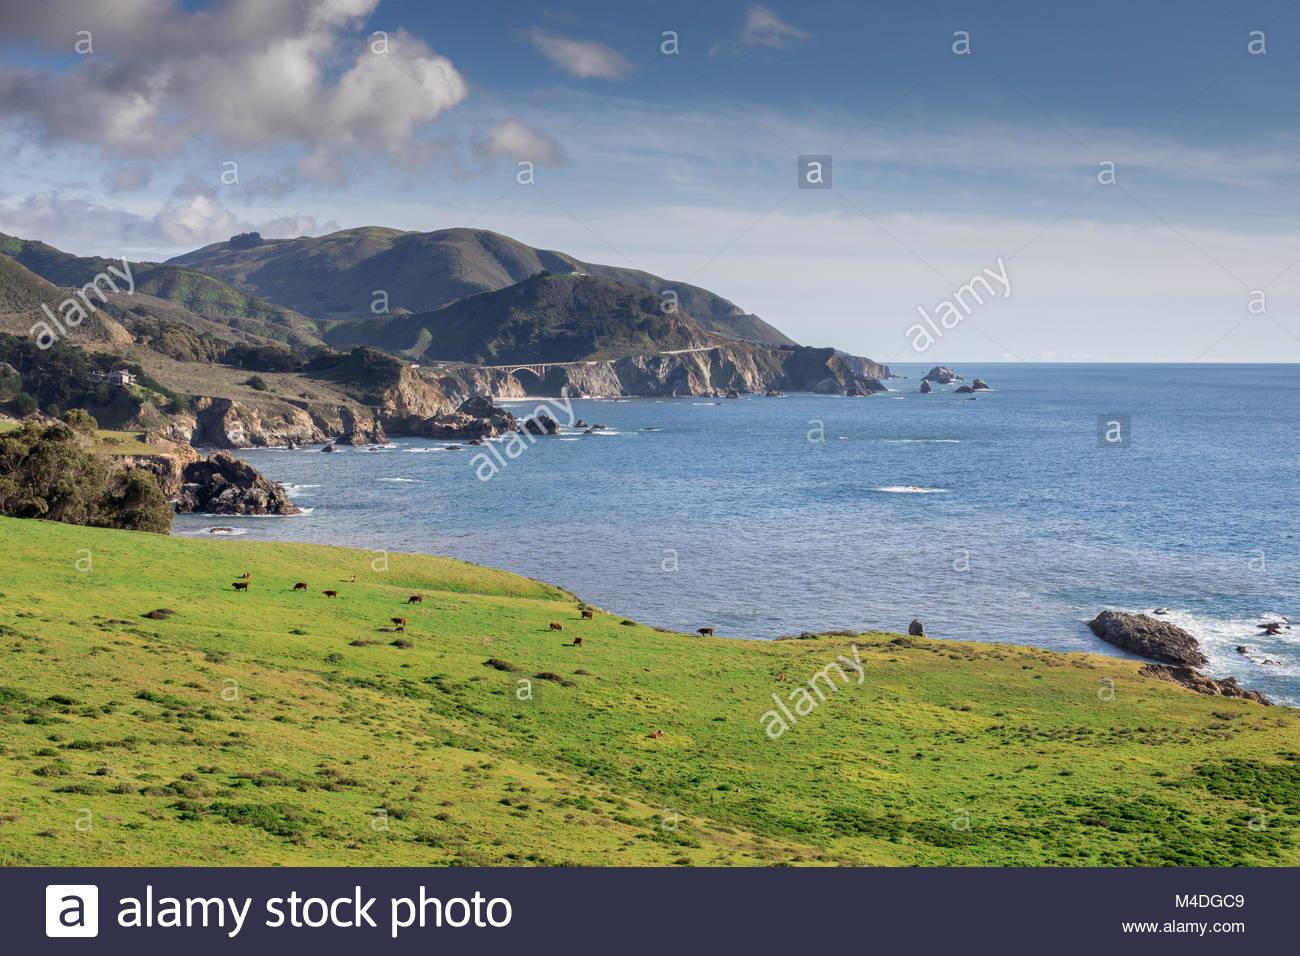 Vues de la côte de Big Sur et Bixby Bridge. Photo Stock